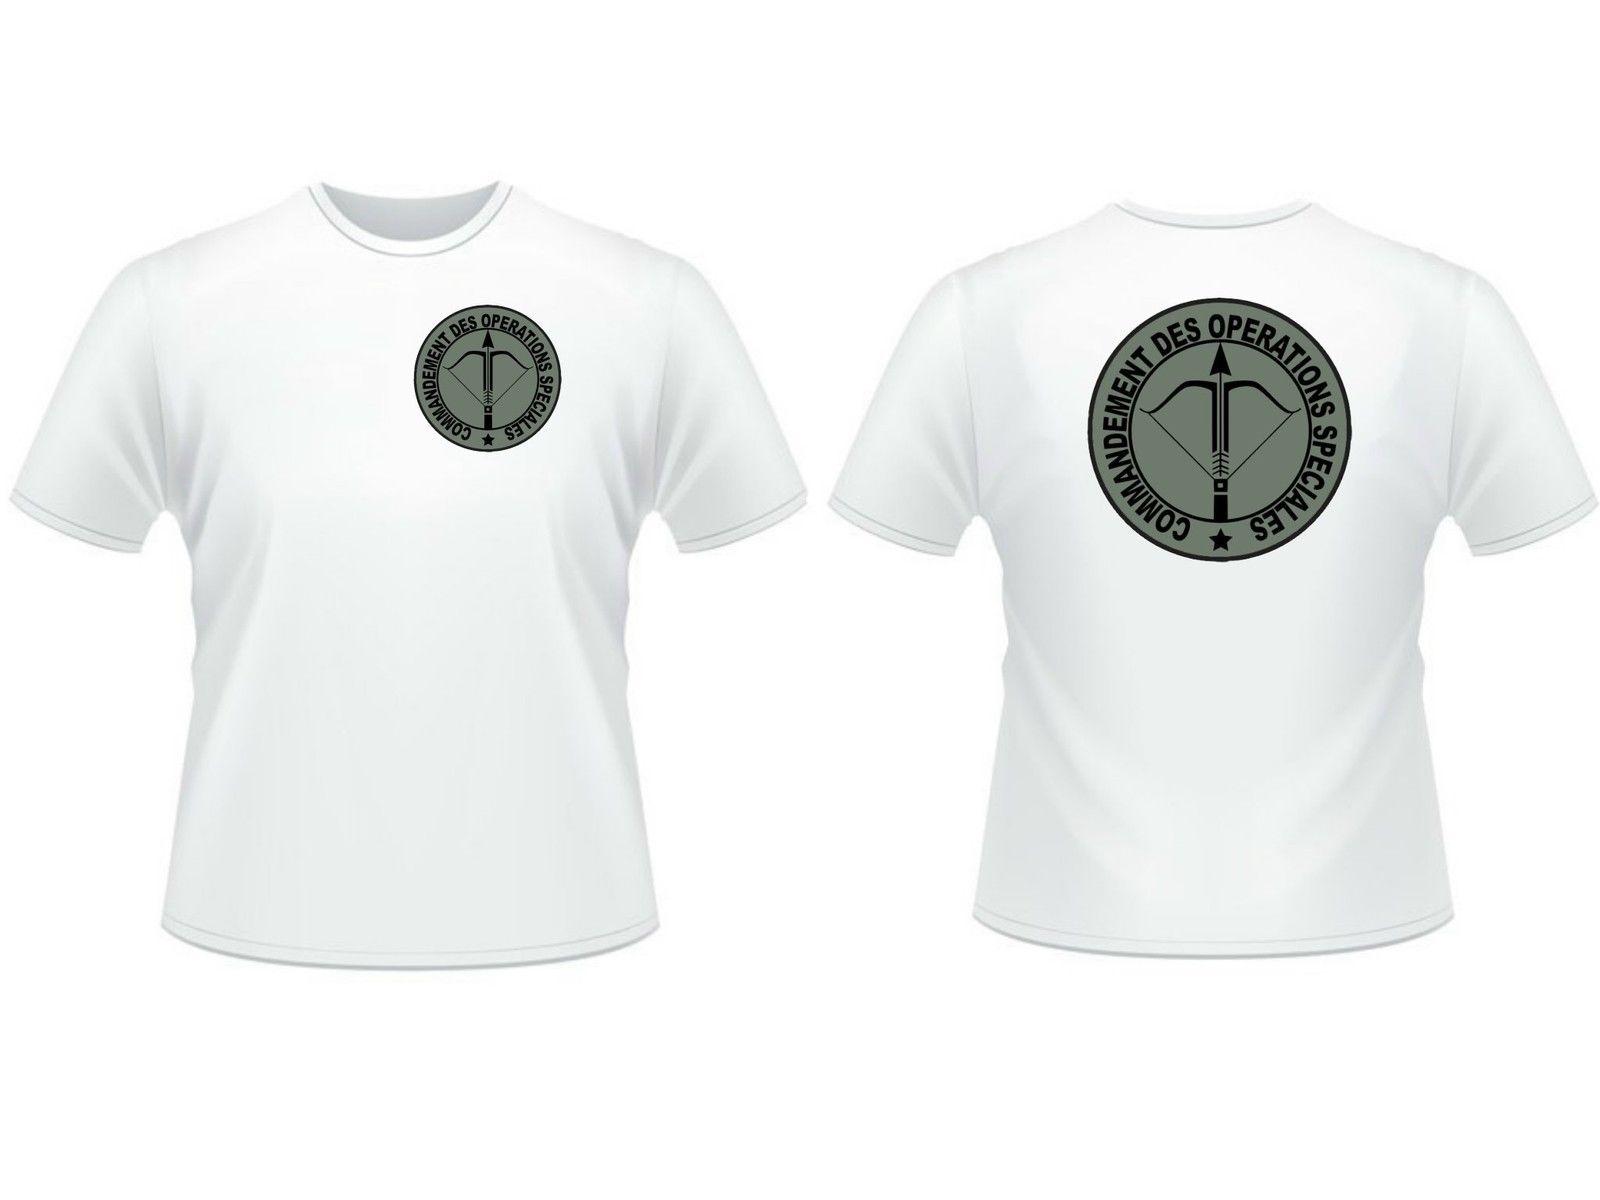 2018 Men Cool Tee Shirt T-SHIRT  COS  recto / verso - Commandement des operations speciales RPIMa GCP Summer T-shirt